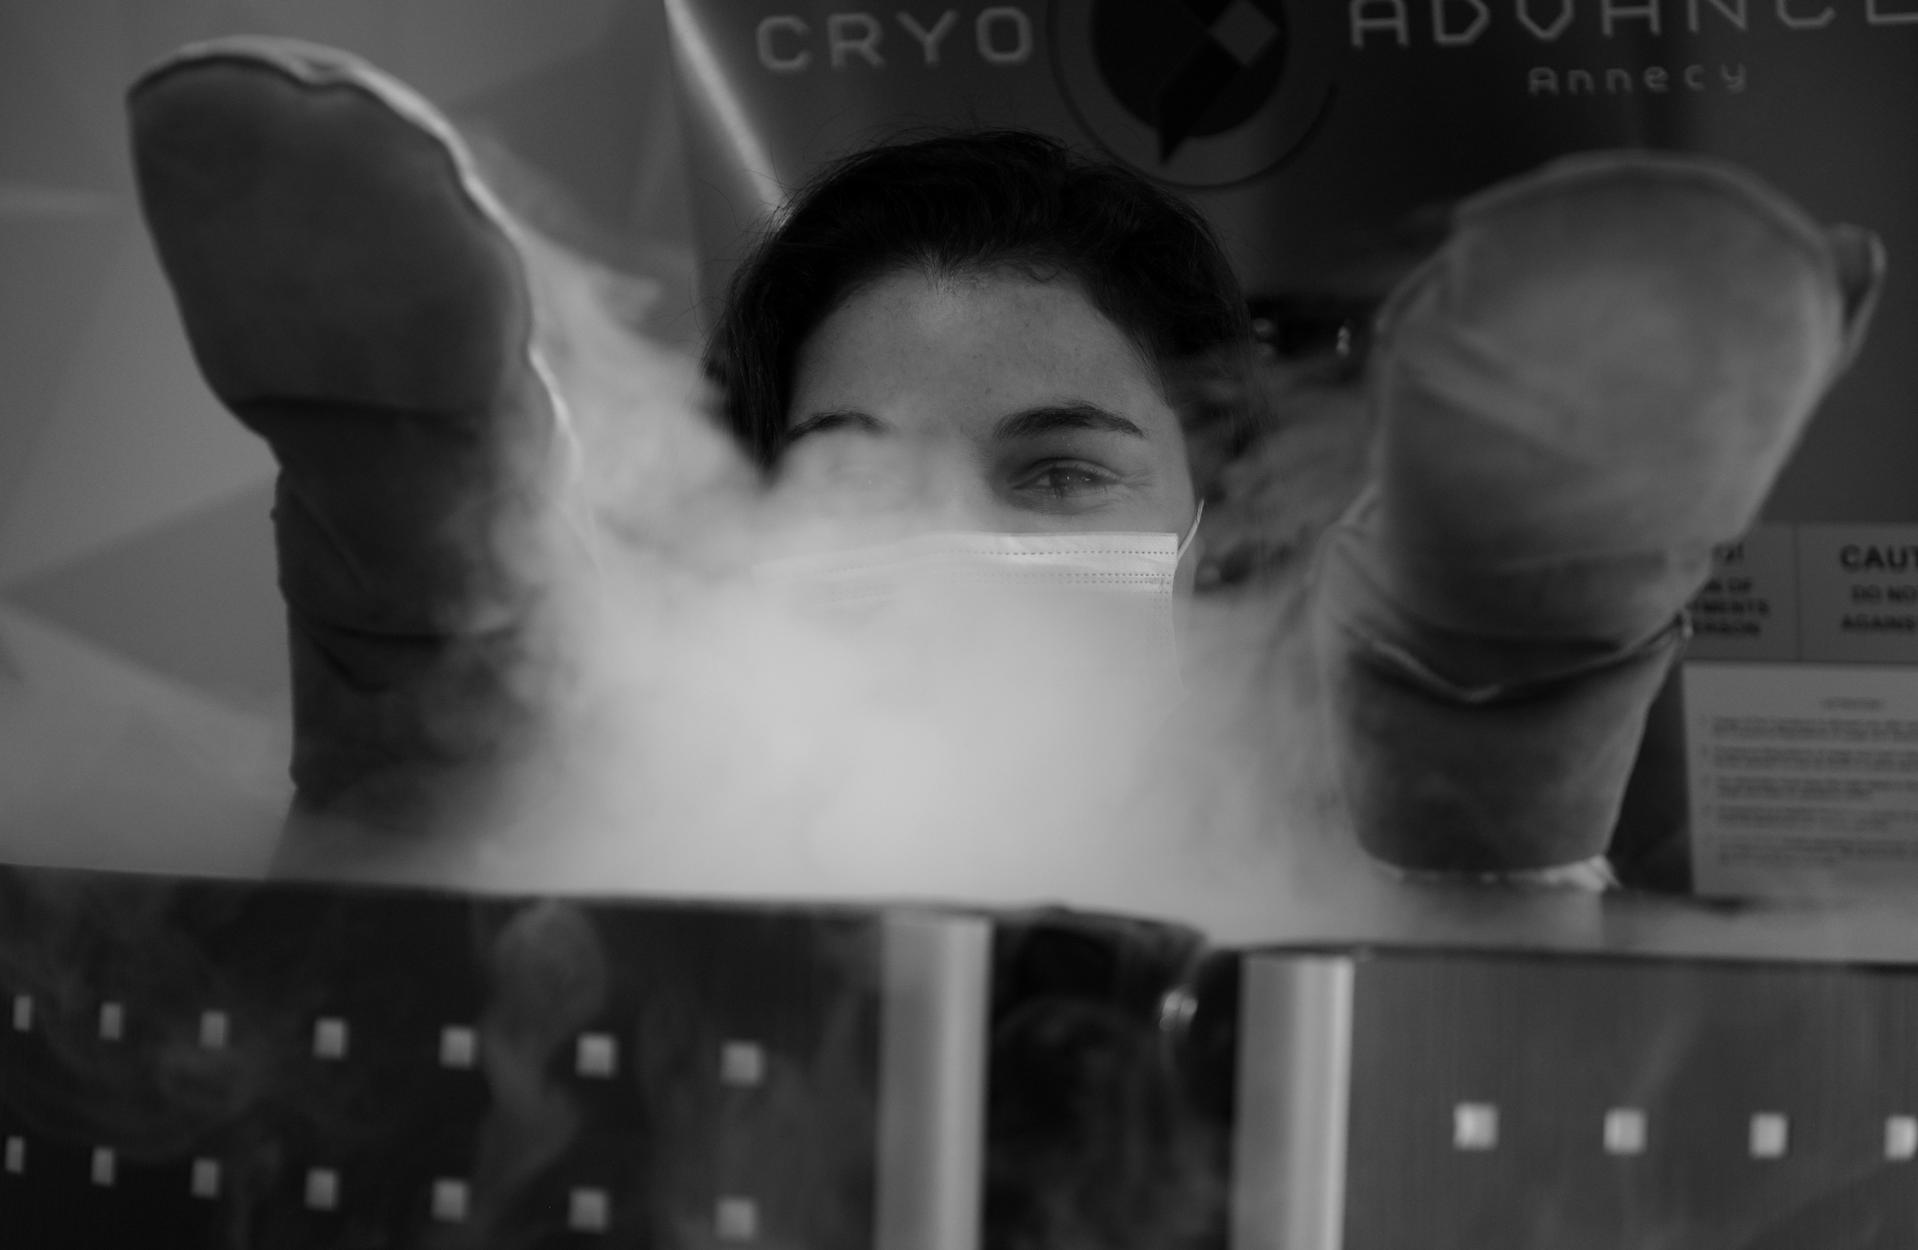 seance de cryo pour la fibromyalgie à lyon